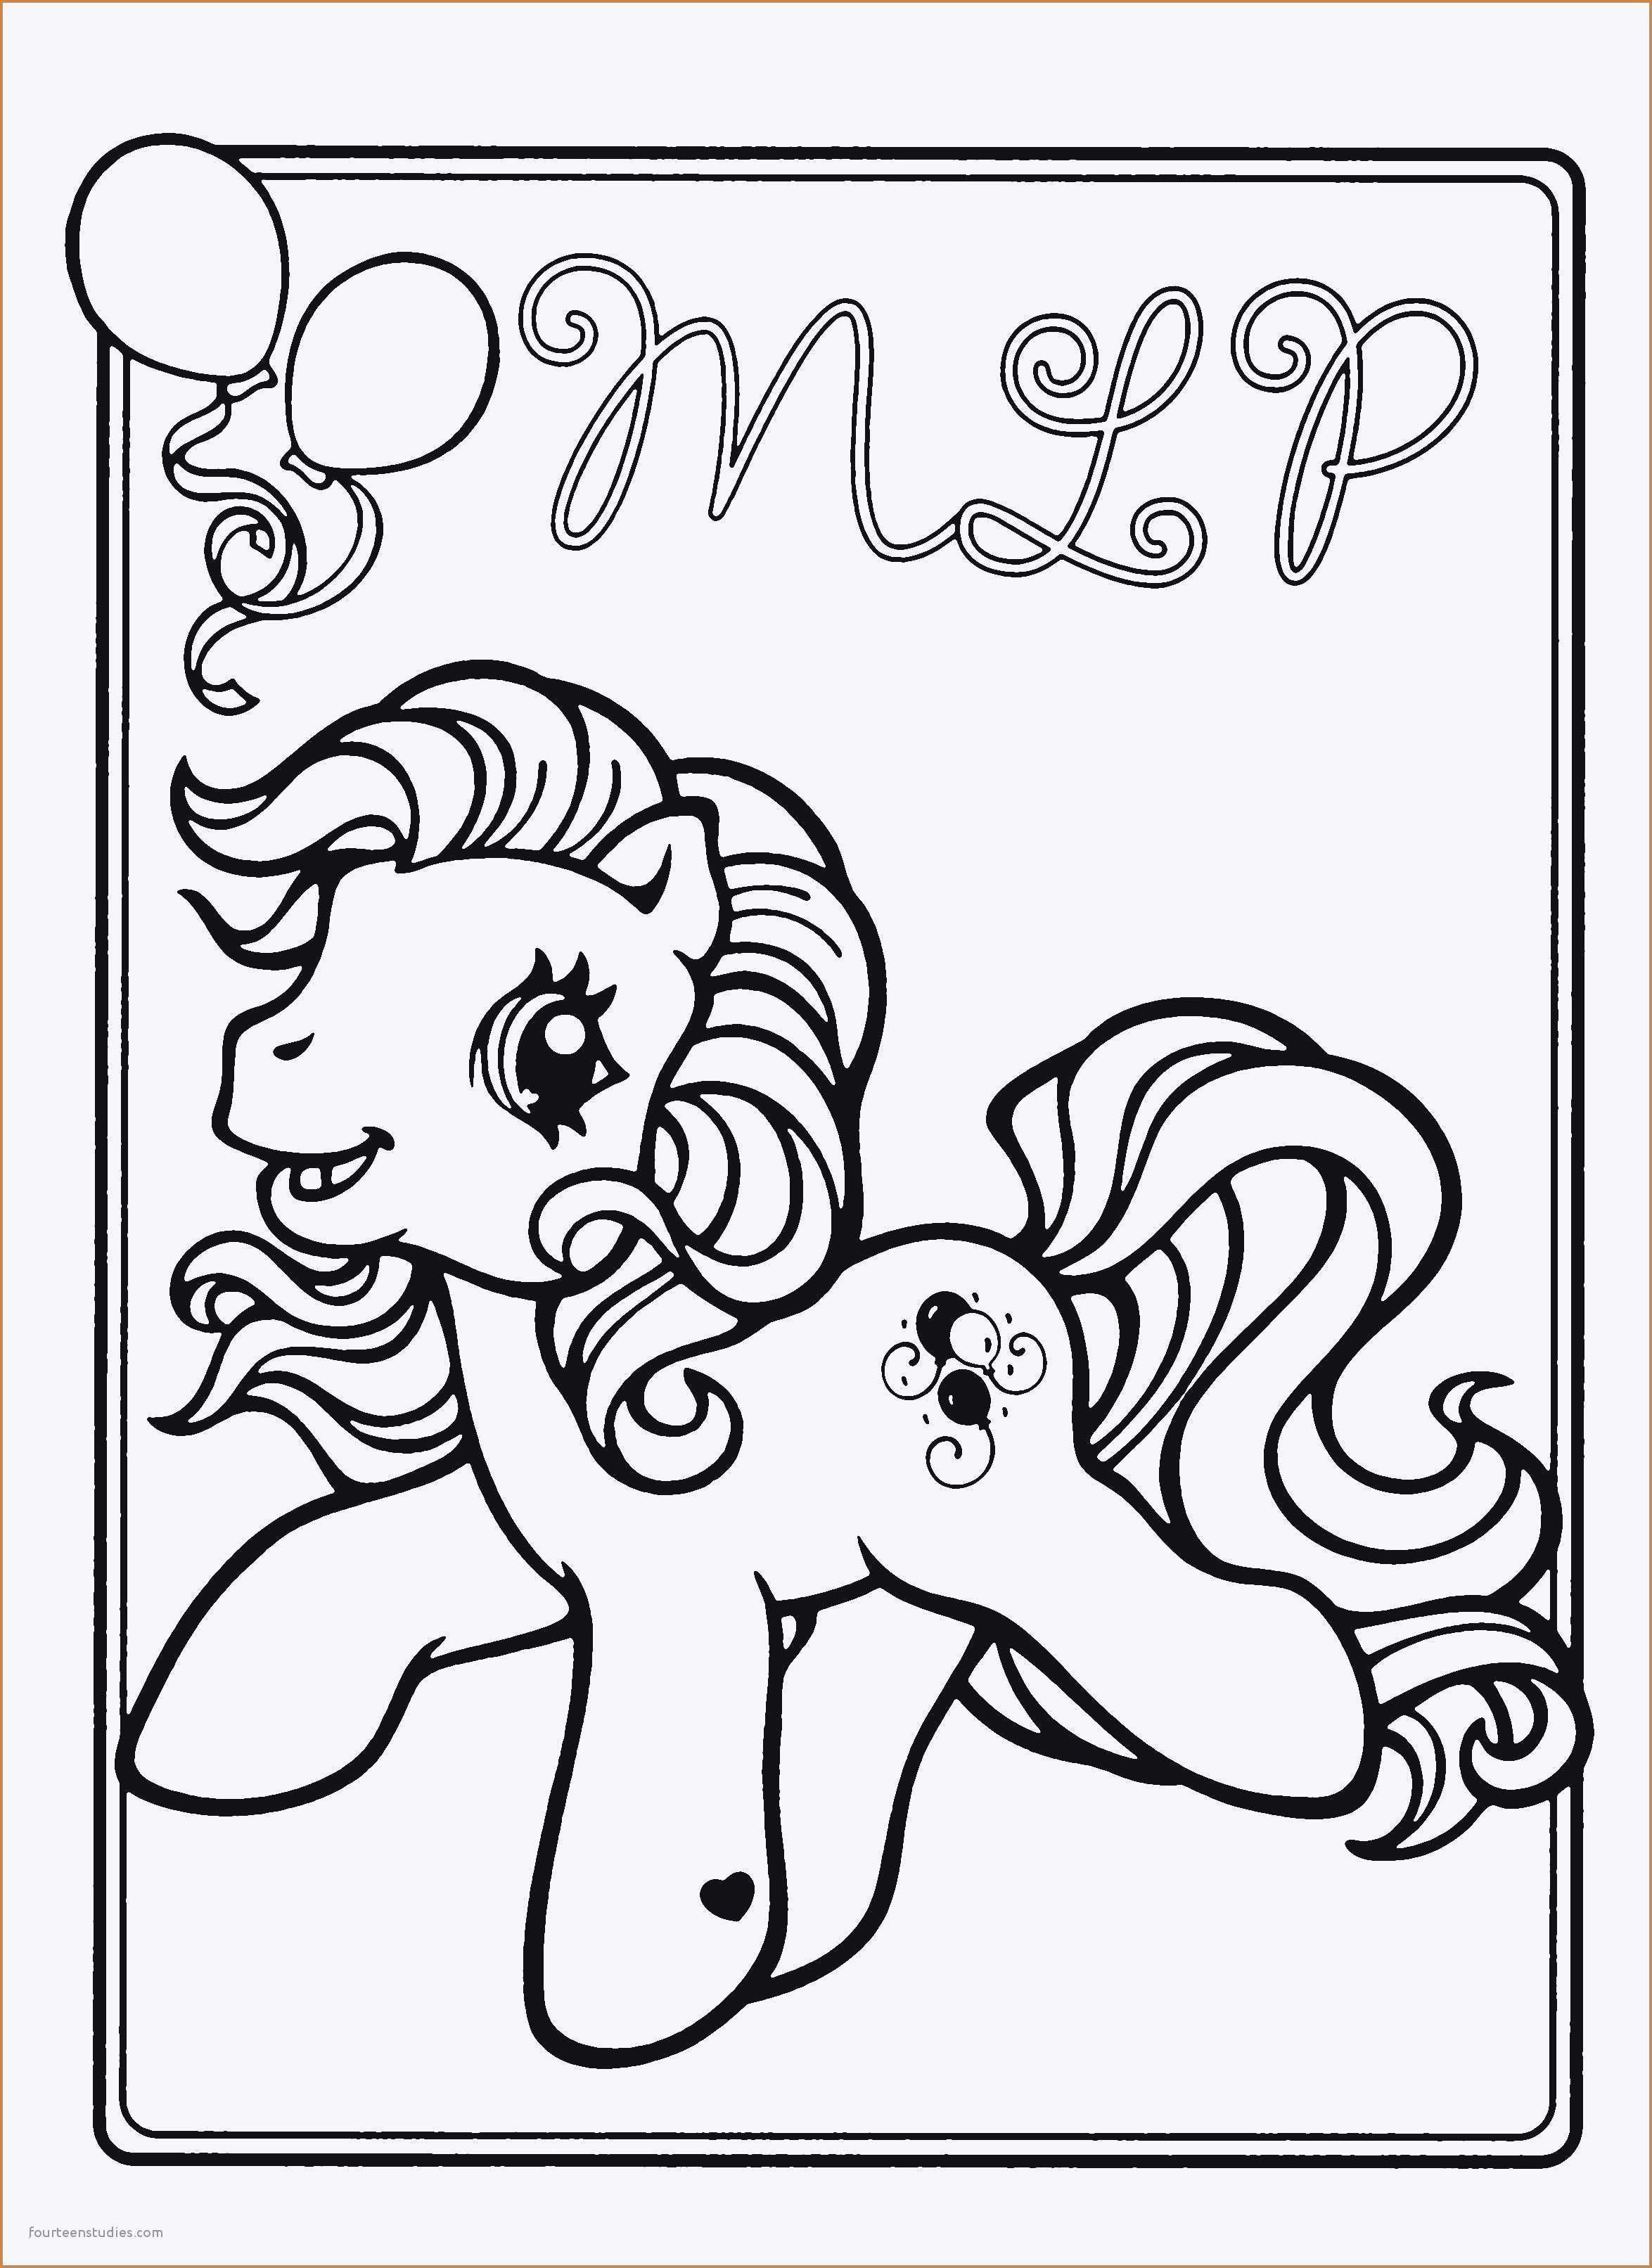 Malvorlagen My Little Pony Inspirierend Herunterladbare Malvorlagen Reizvolle 35 Ausmalbilder My Little Pony Fotografieren